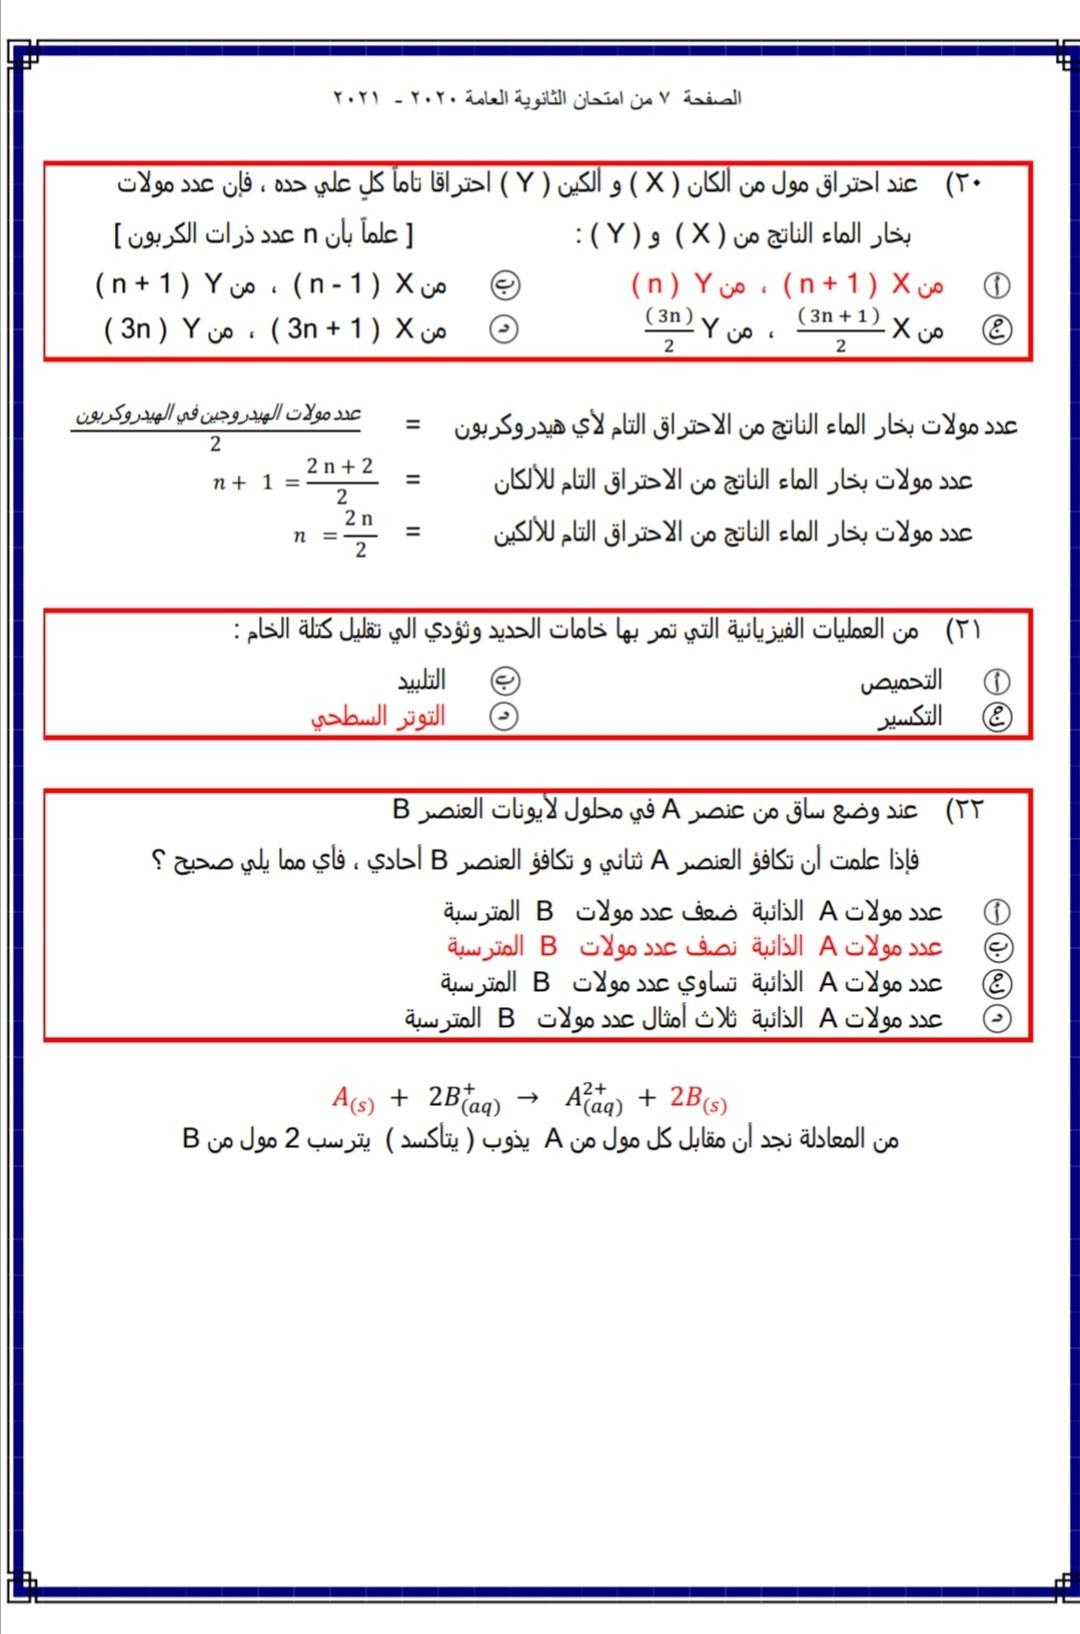 نموذج اجابة امتحان الكيمياء للثانوية العامة 2021 7